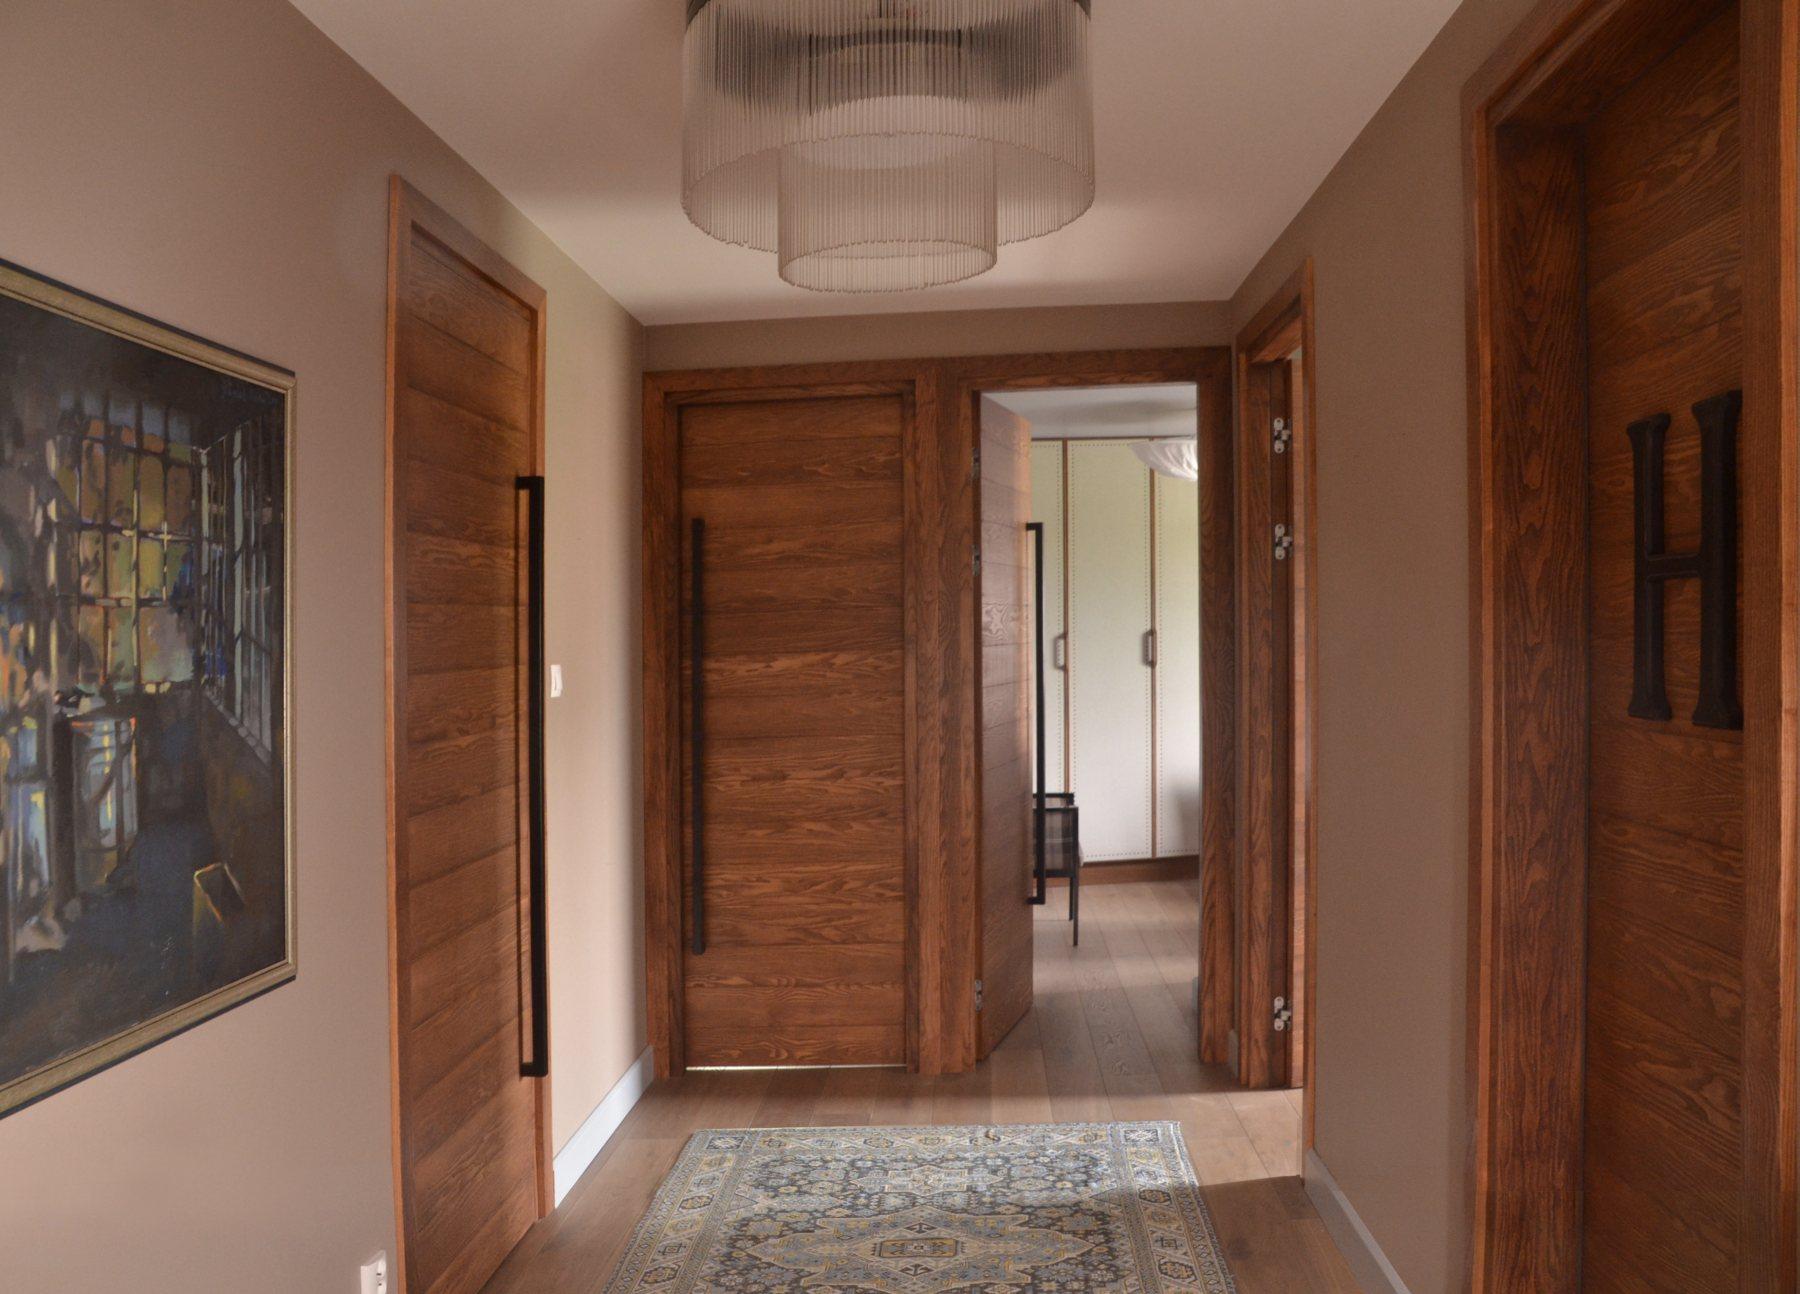 Wysokie drzwi zostały zaprojektowane specjalnie do tych wnętrz